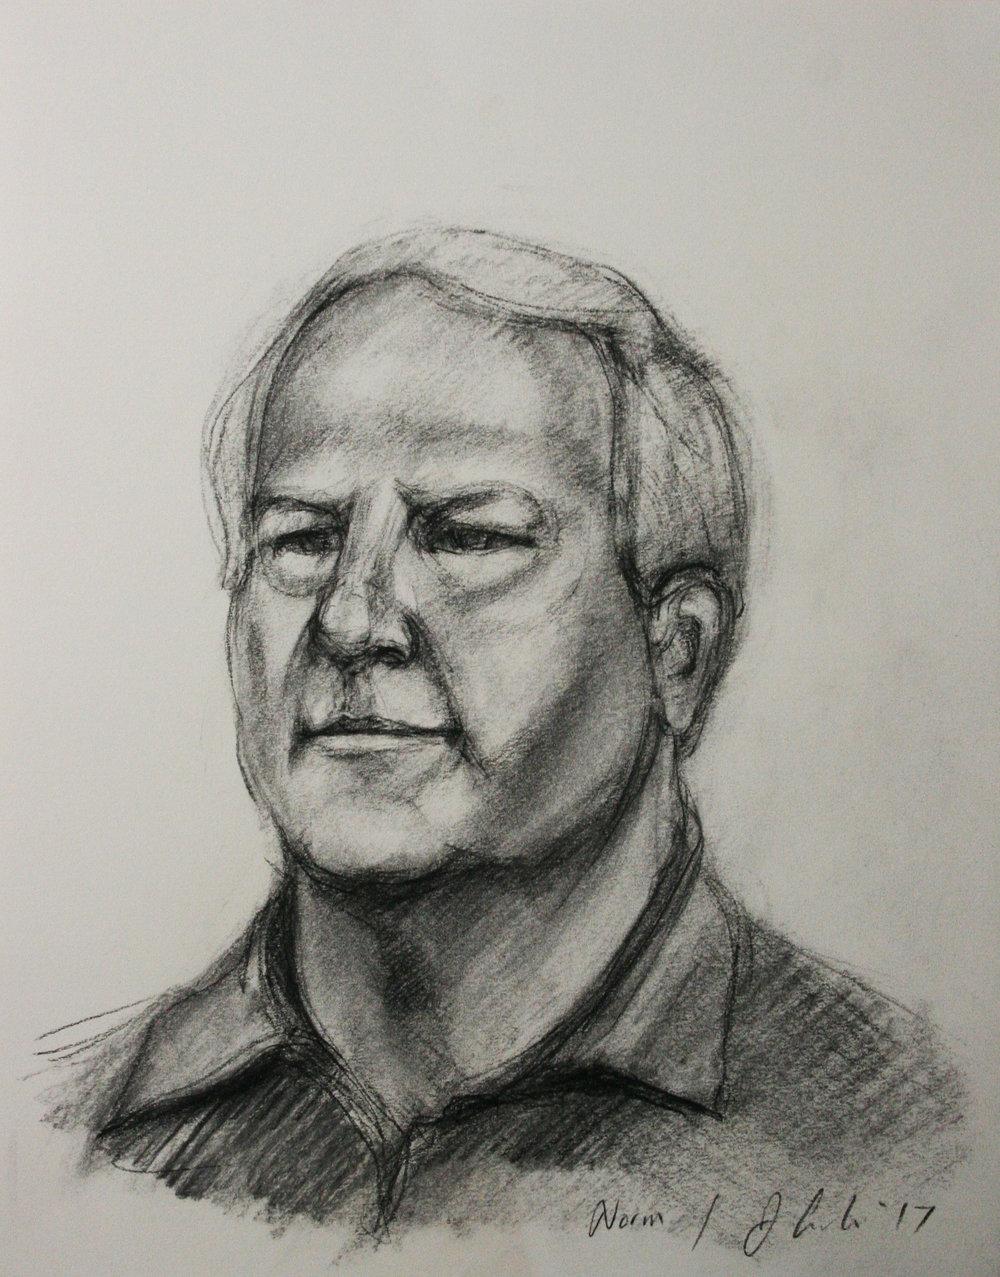 Jeff Erdie did this 2-hour drawing.